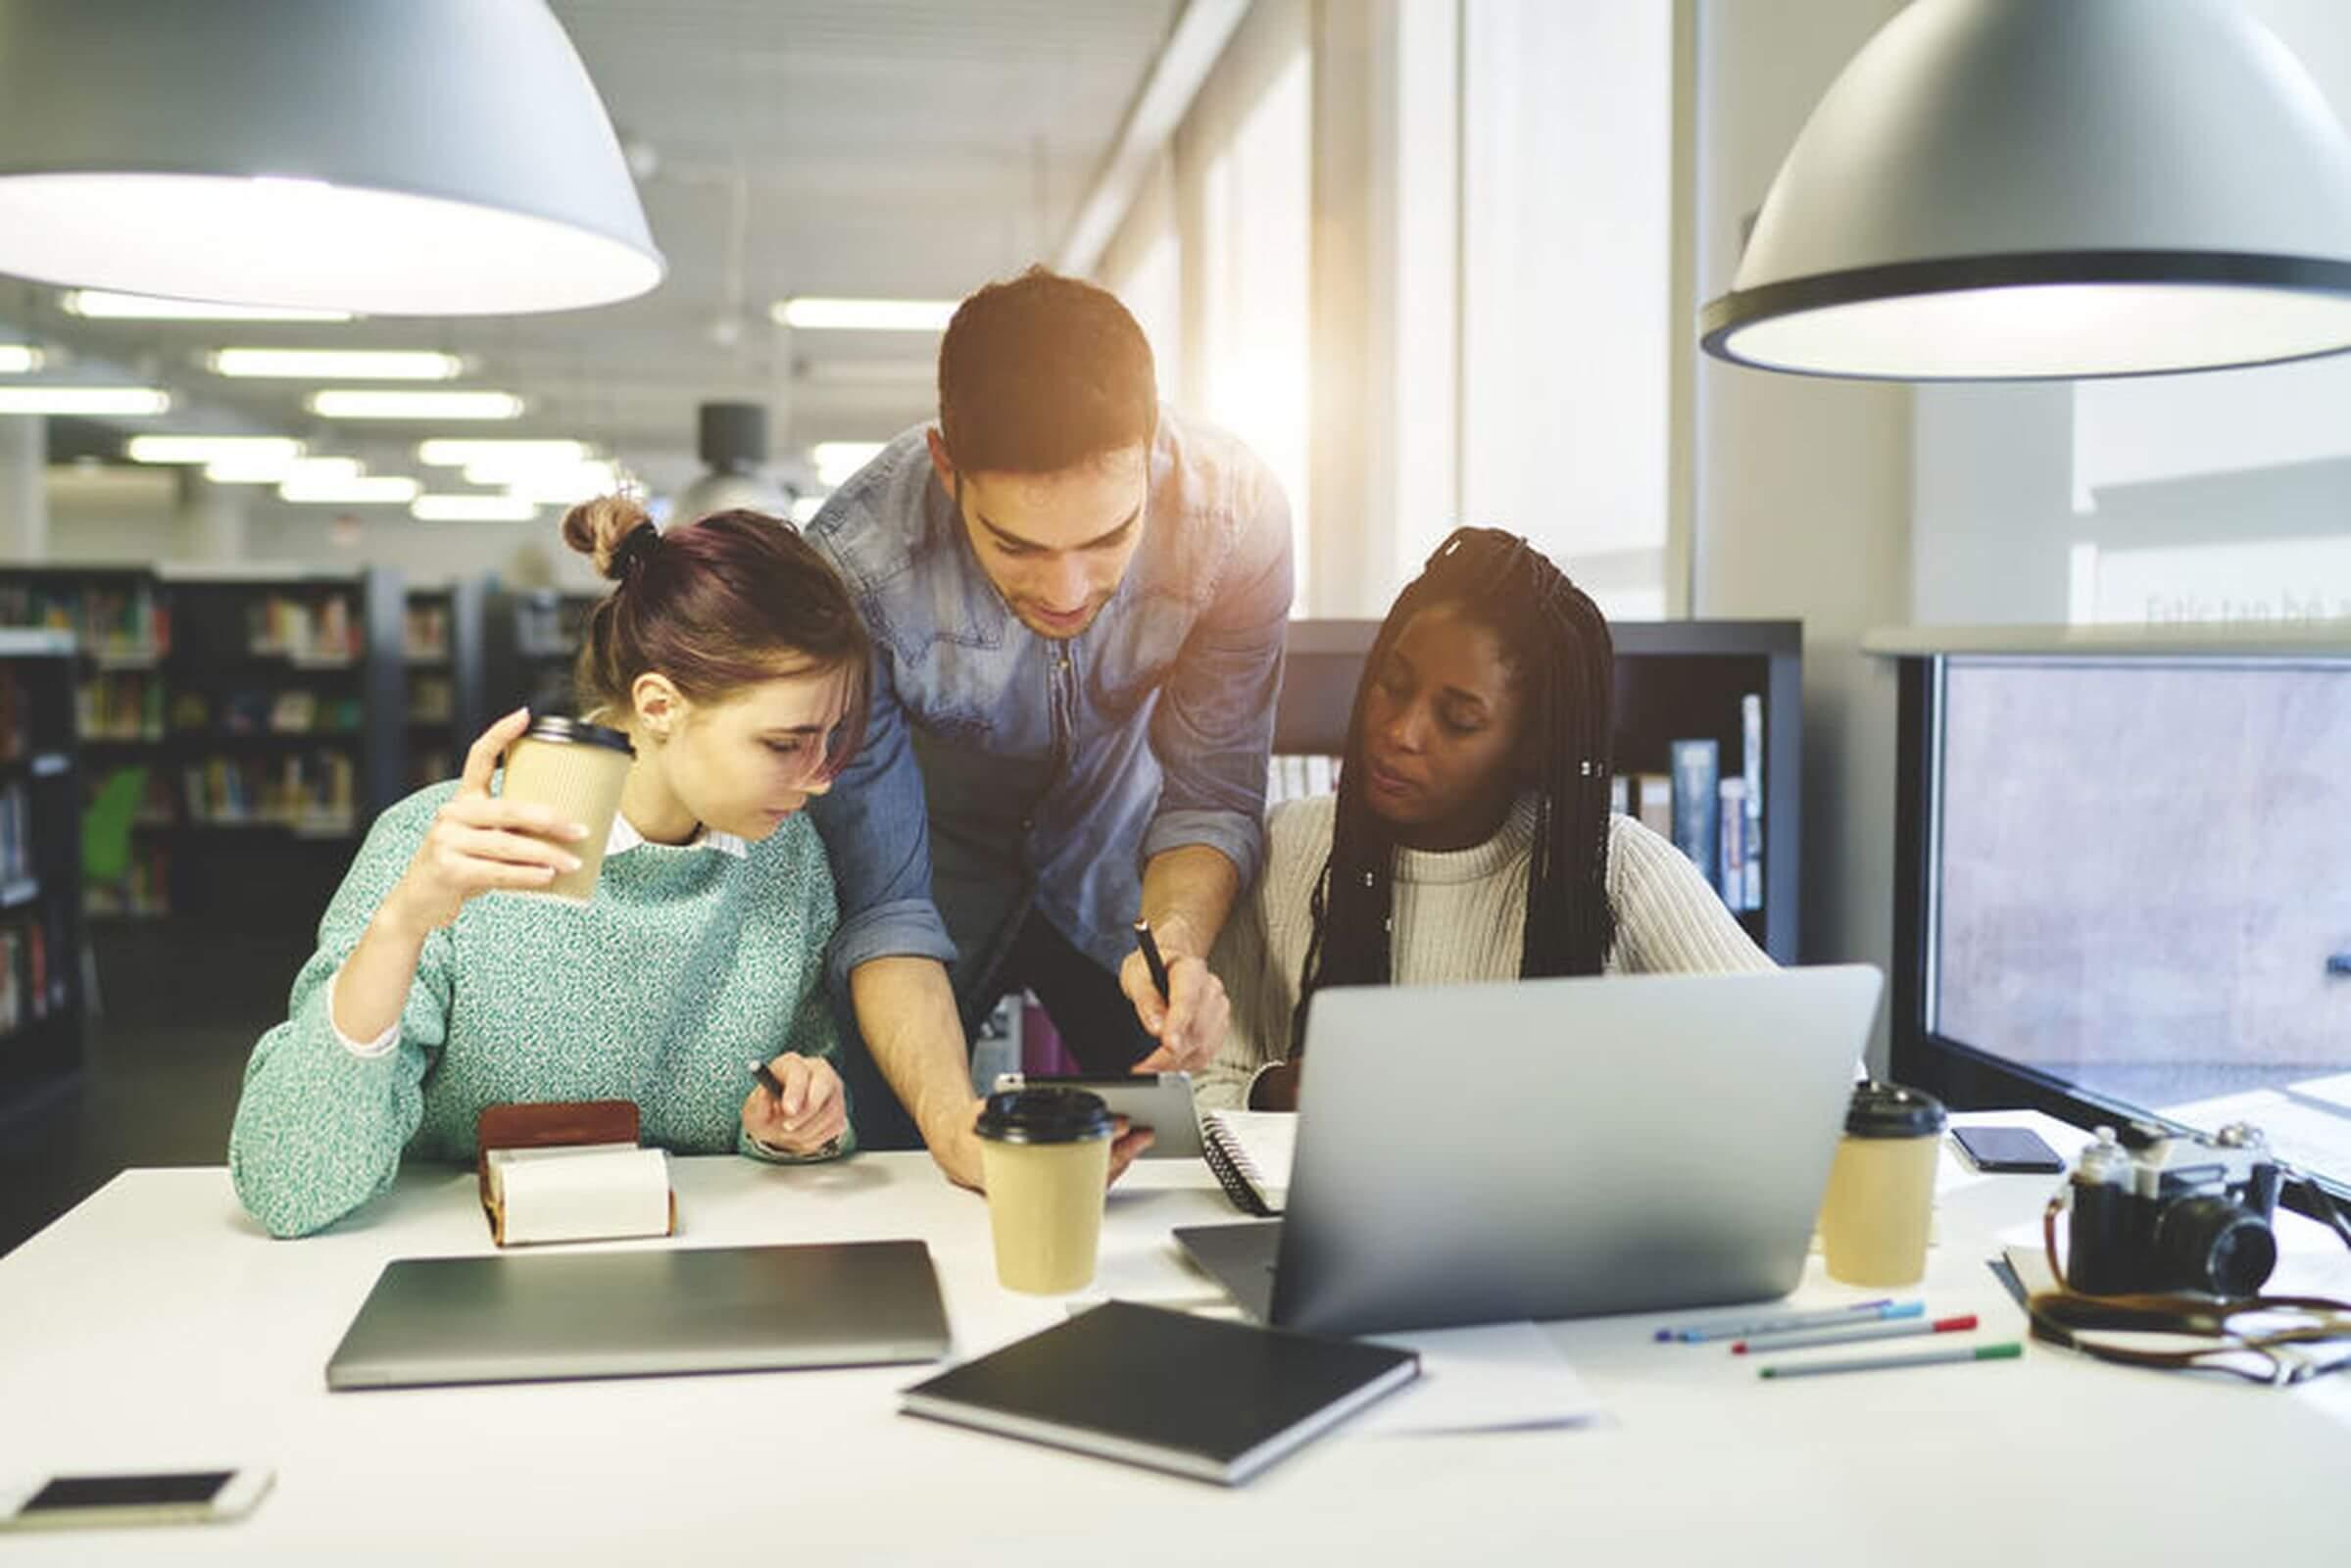 Work-life balance improves productivity